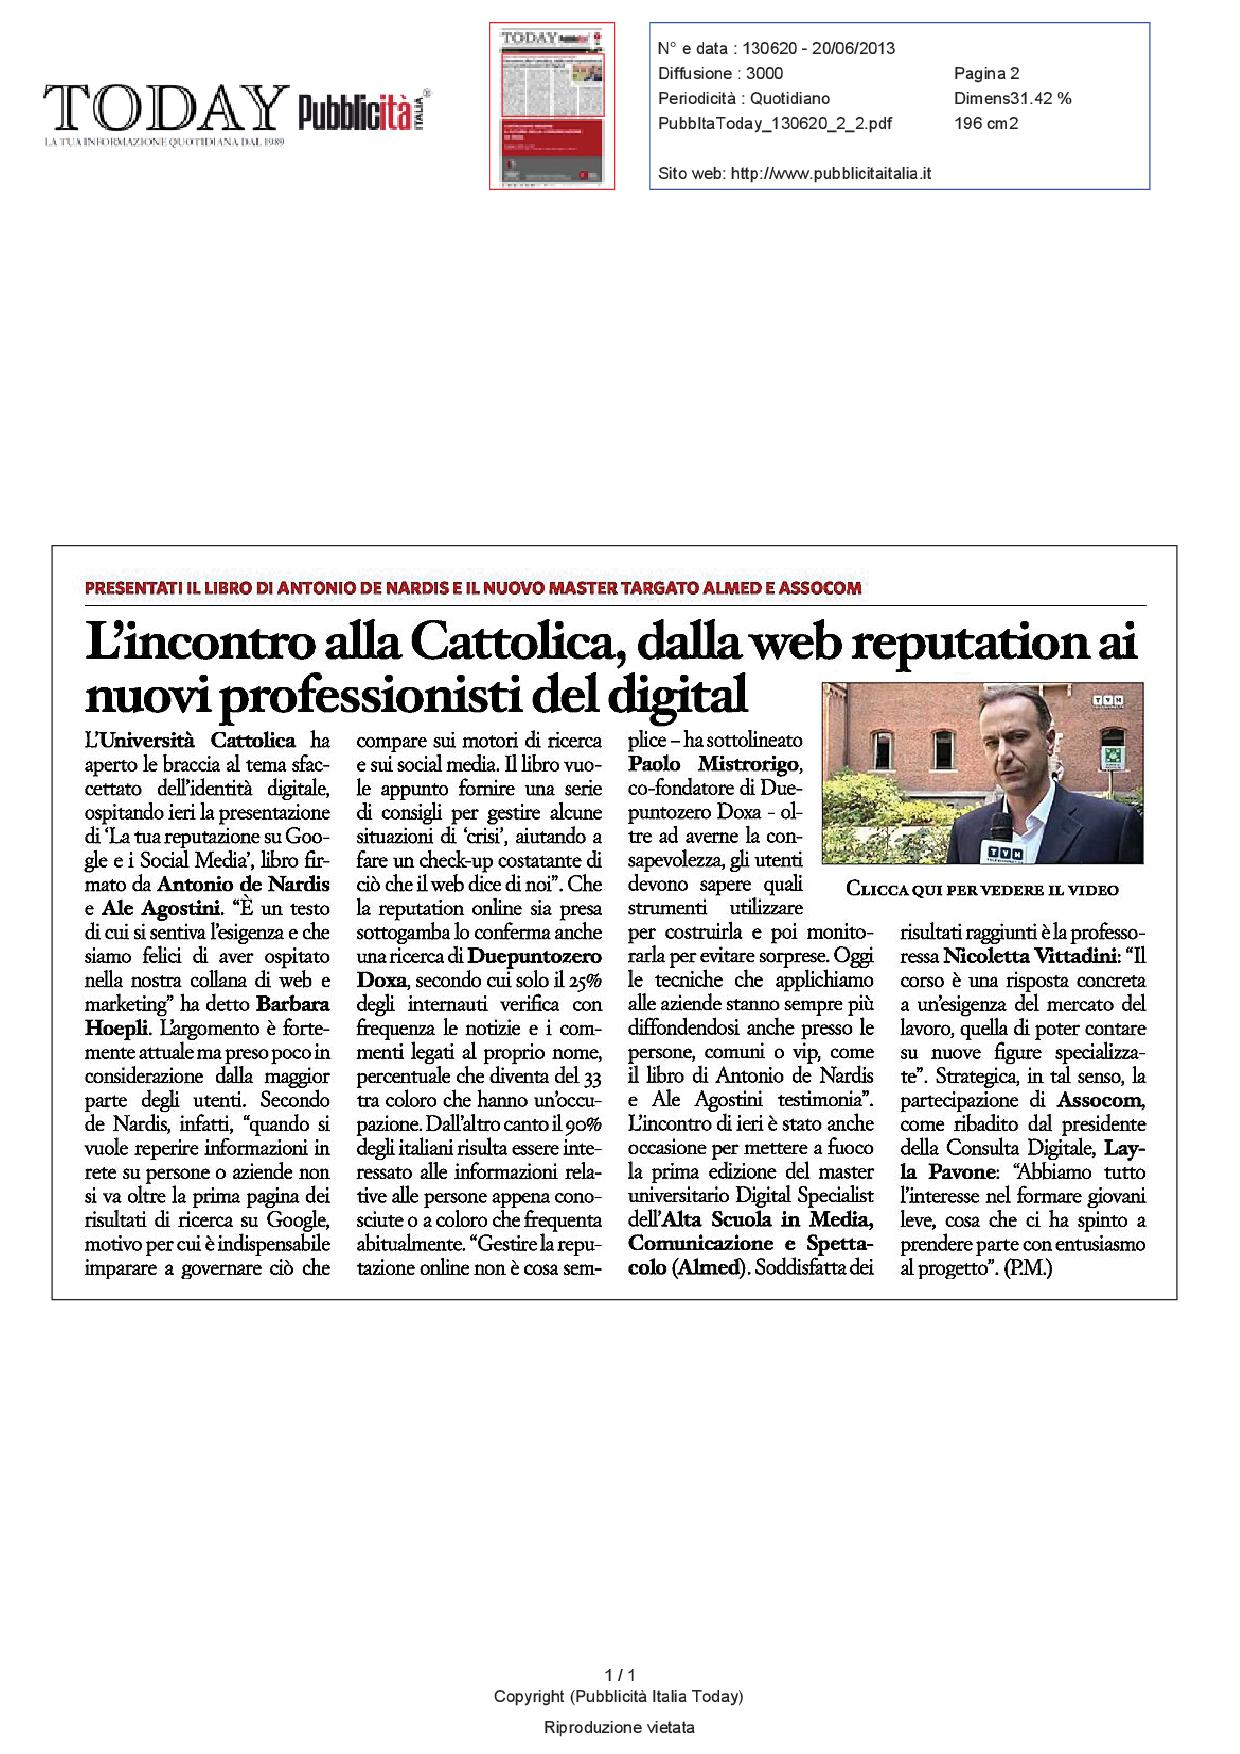 Today Pubblicità Italia, 20 giugno 2013